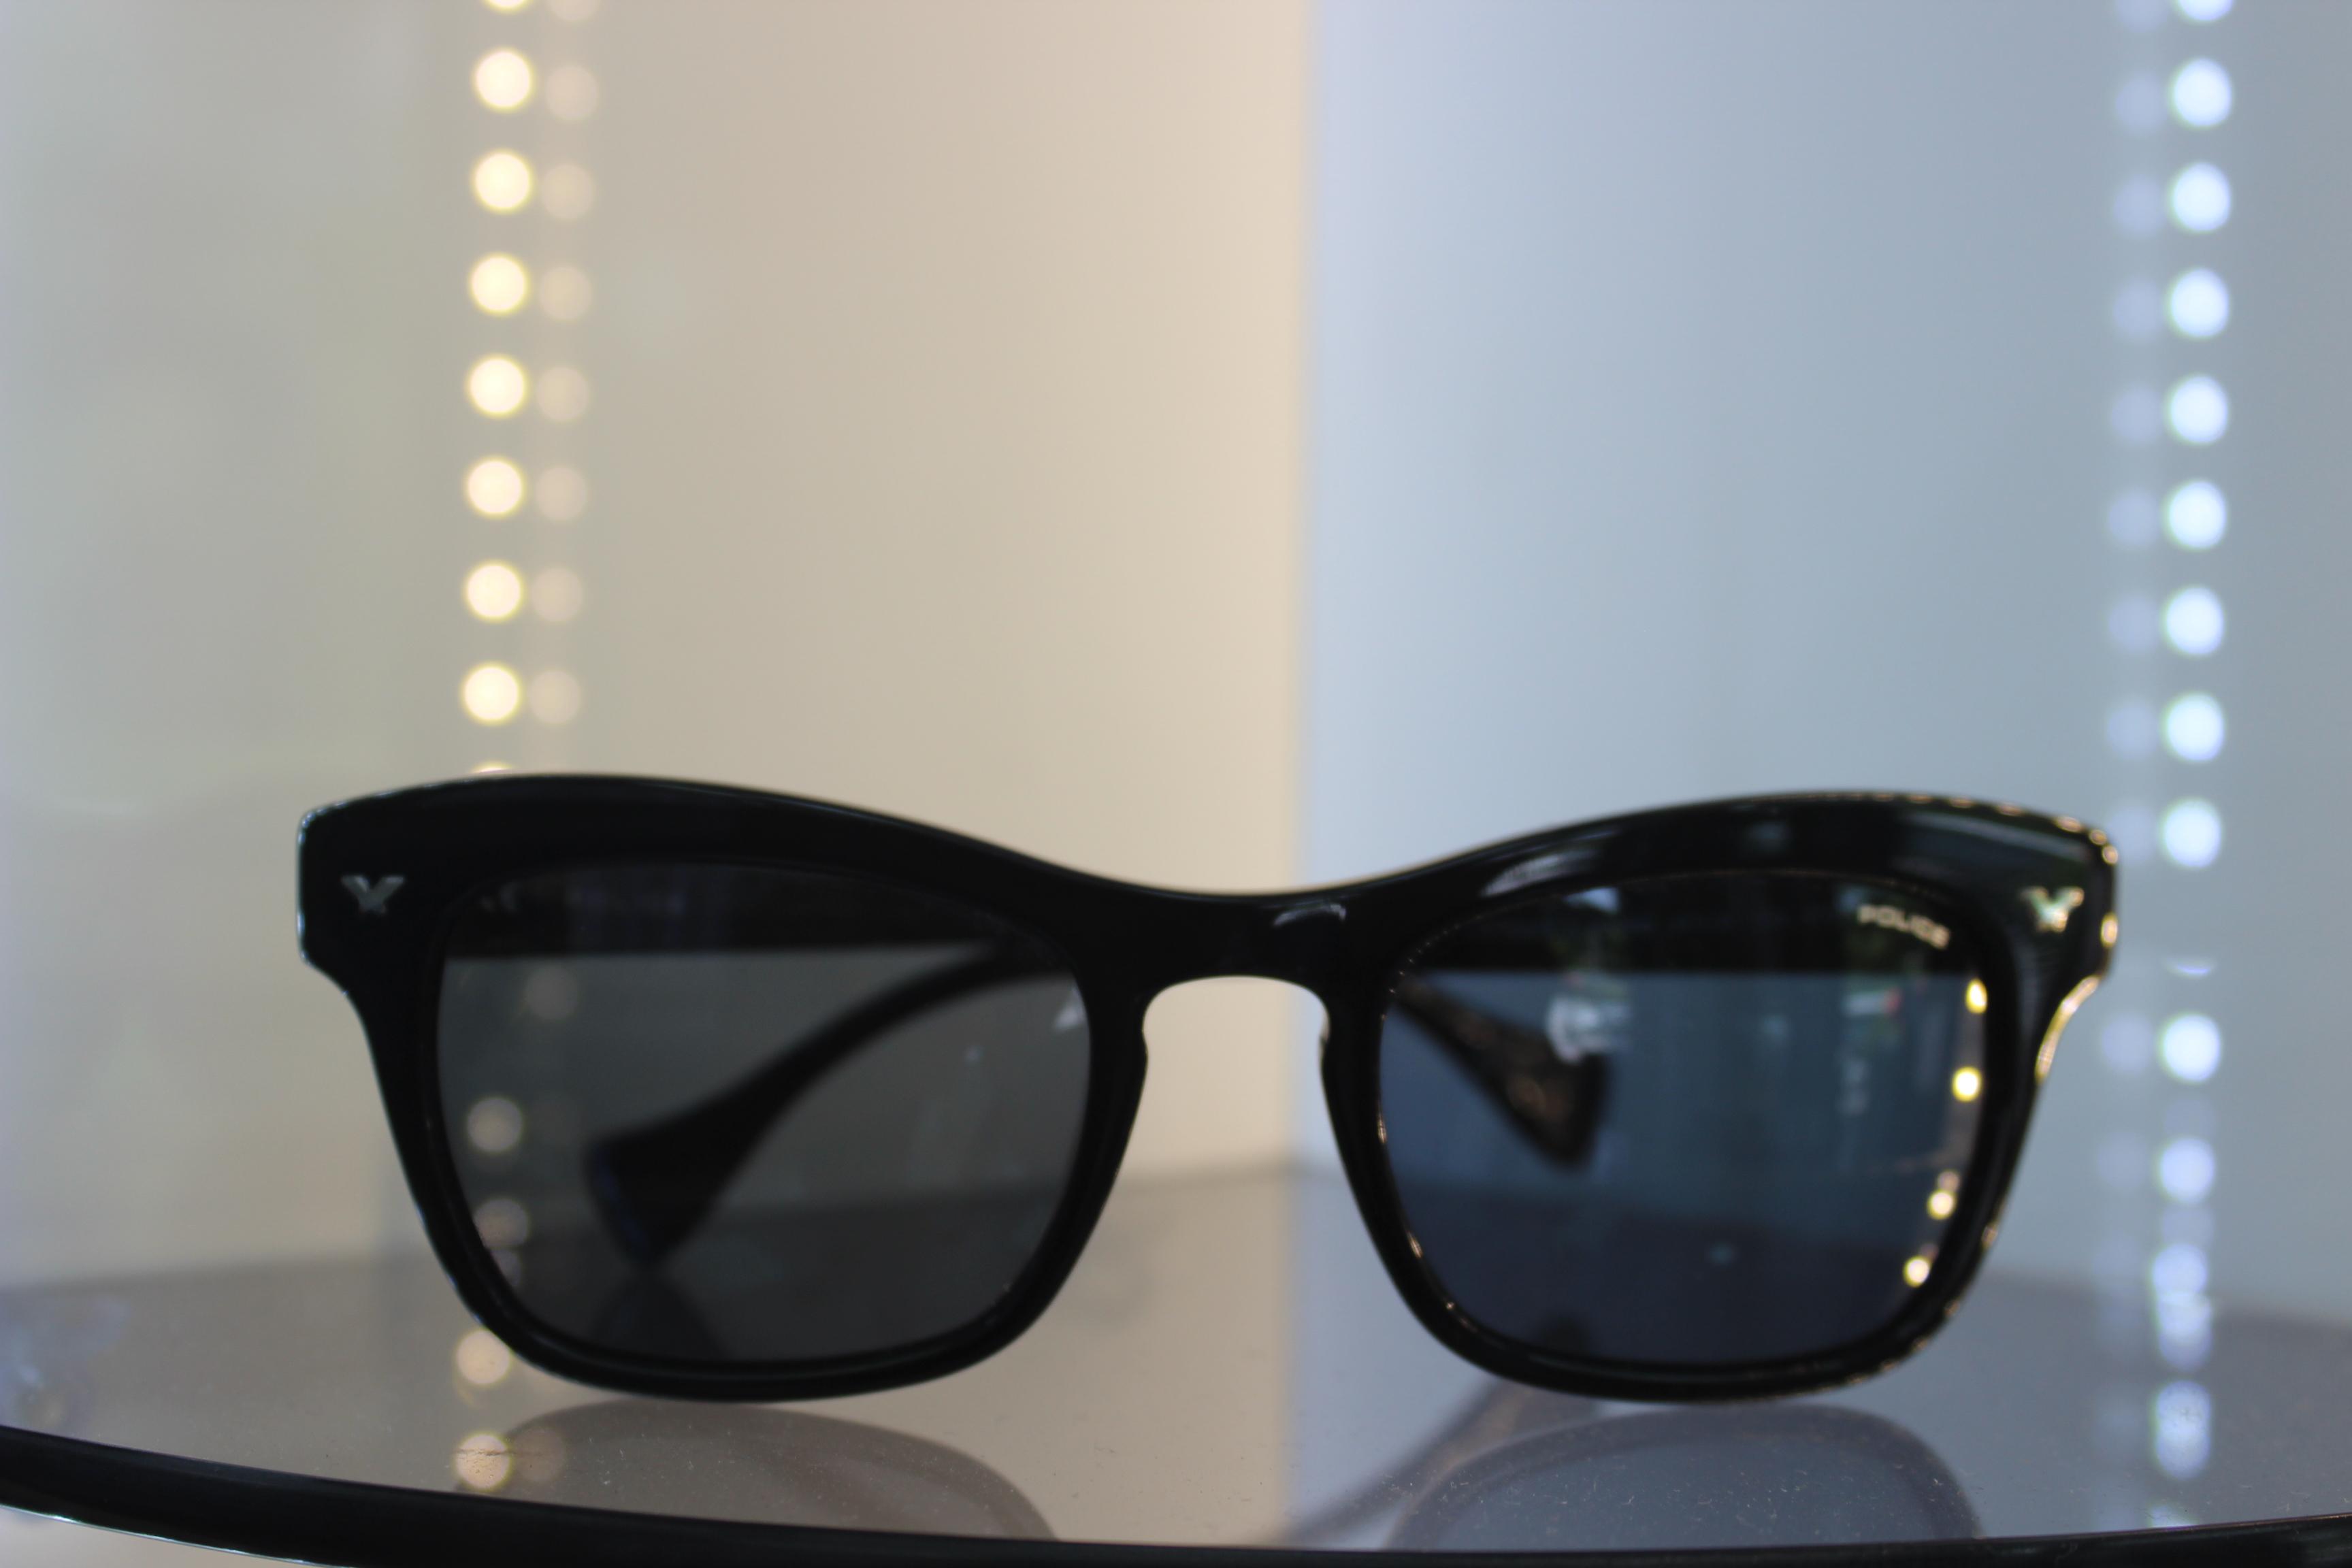 Sahte güneş gözlüğü neden zararlıdır